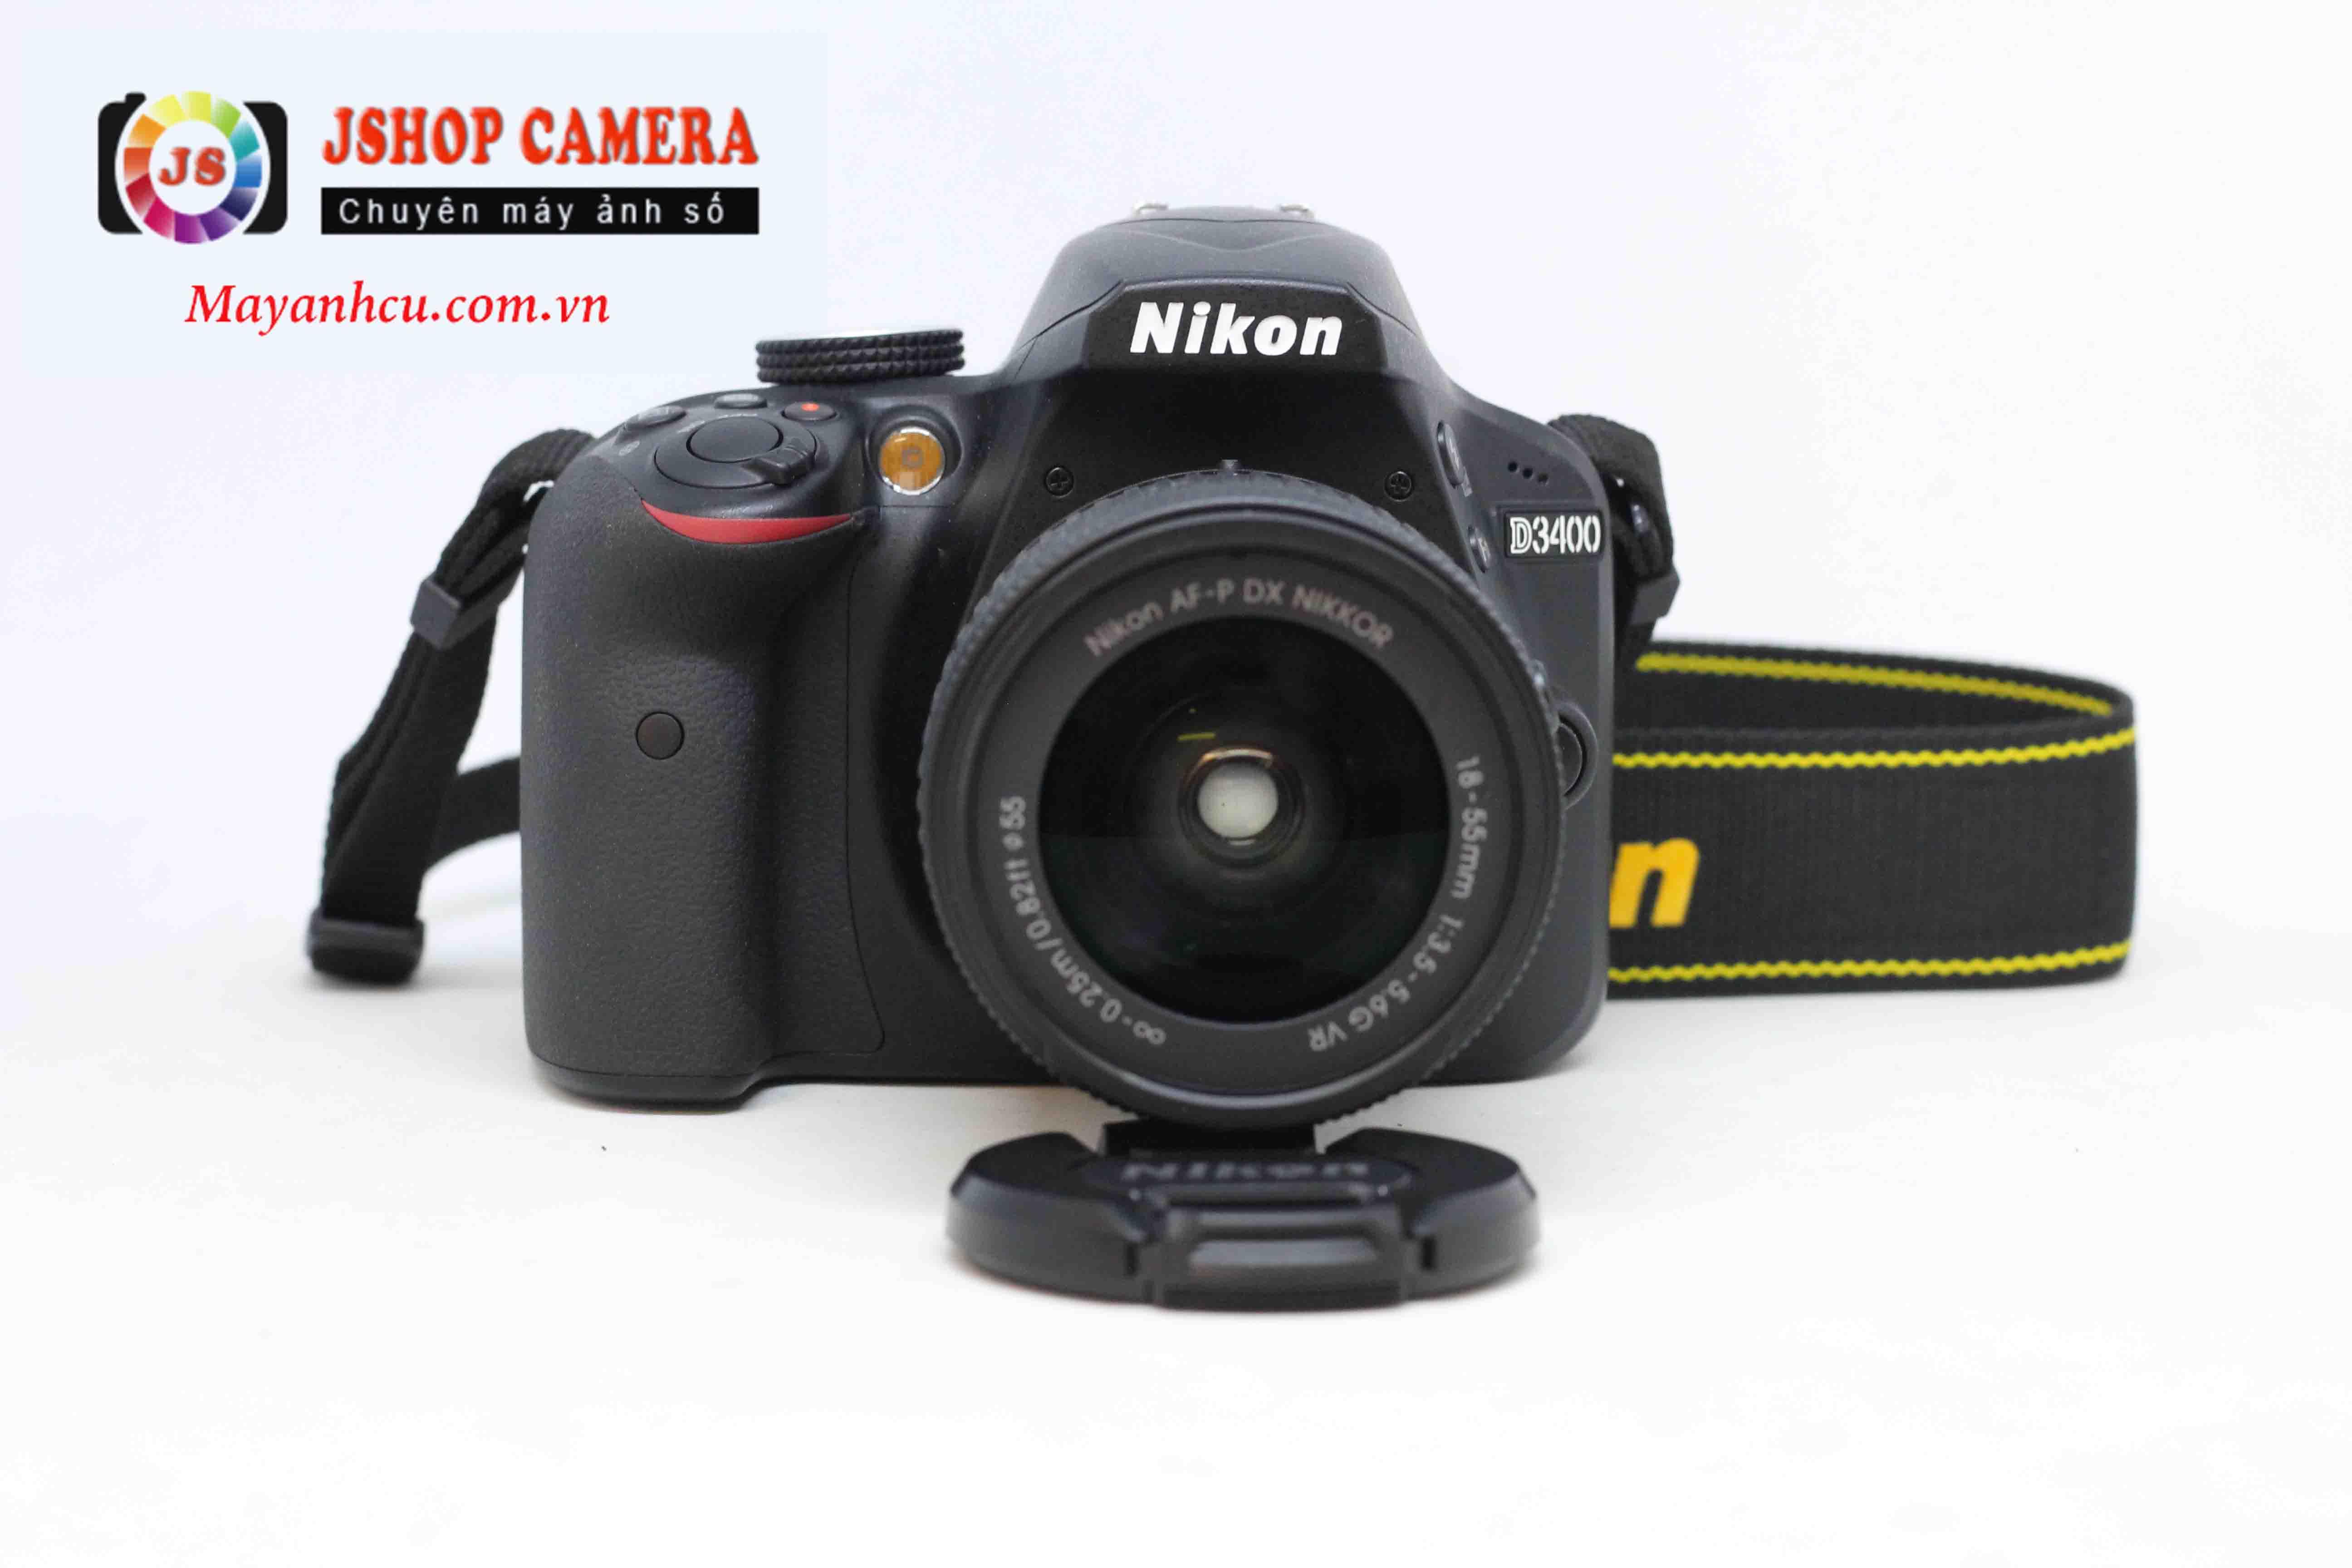 Máy ảnh Nikon D3400 + Lens 18-55mm F/3.5-5.6 VR ( Hàng chính hãng VIC VN )